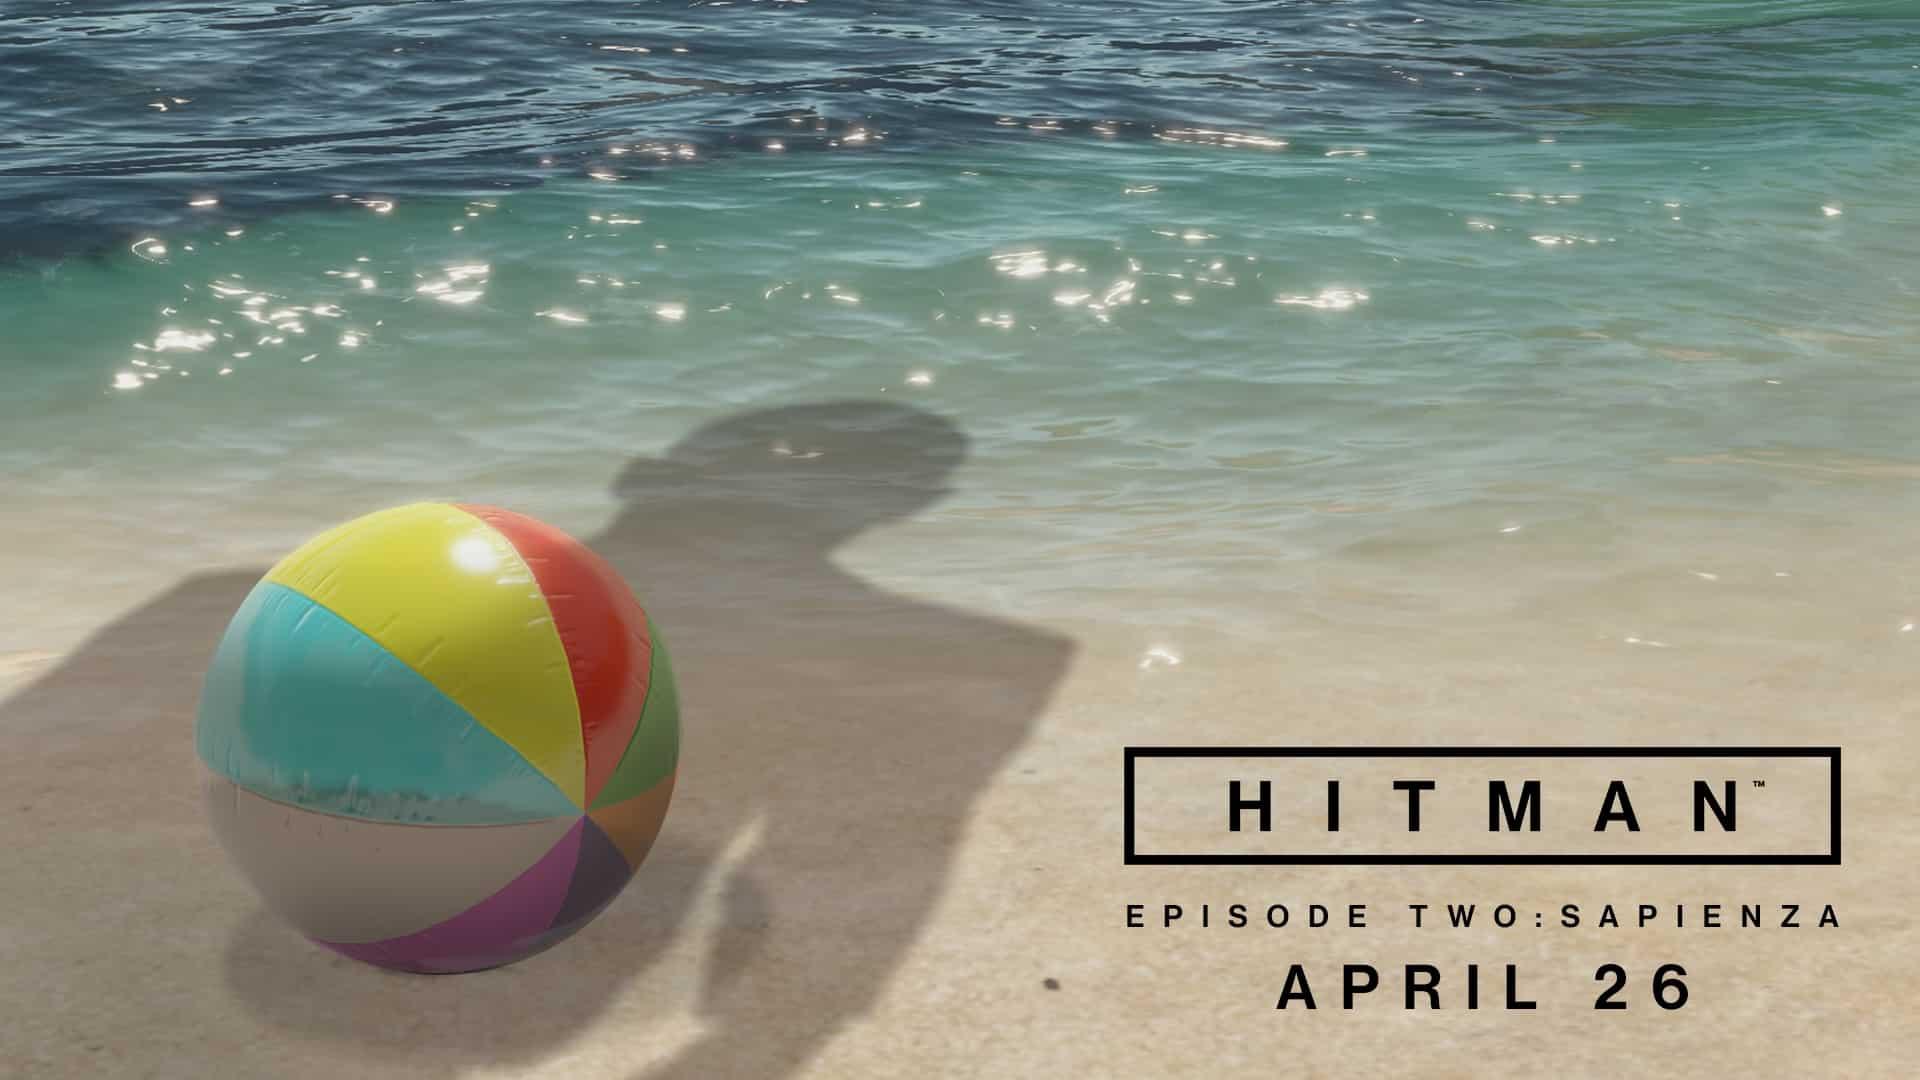 HITMAN - Annunciata la data d'uscita del secondo episodio